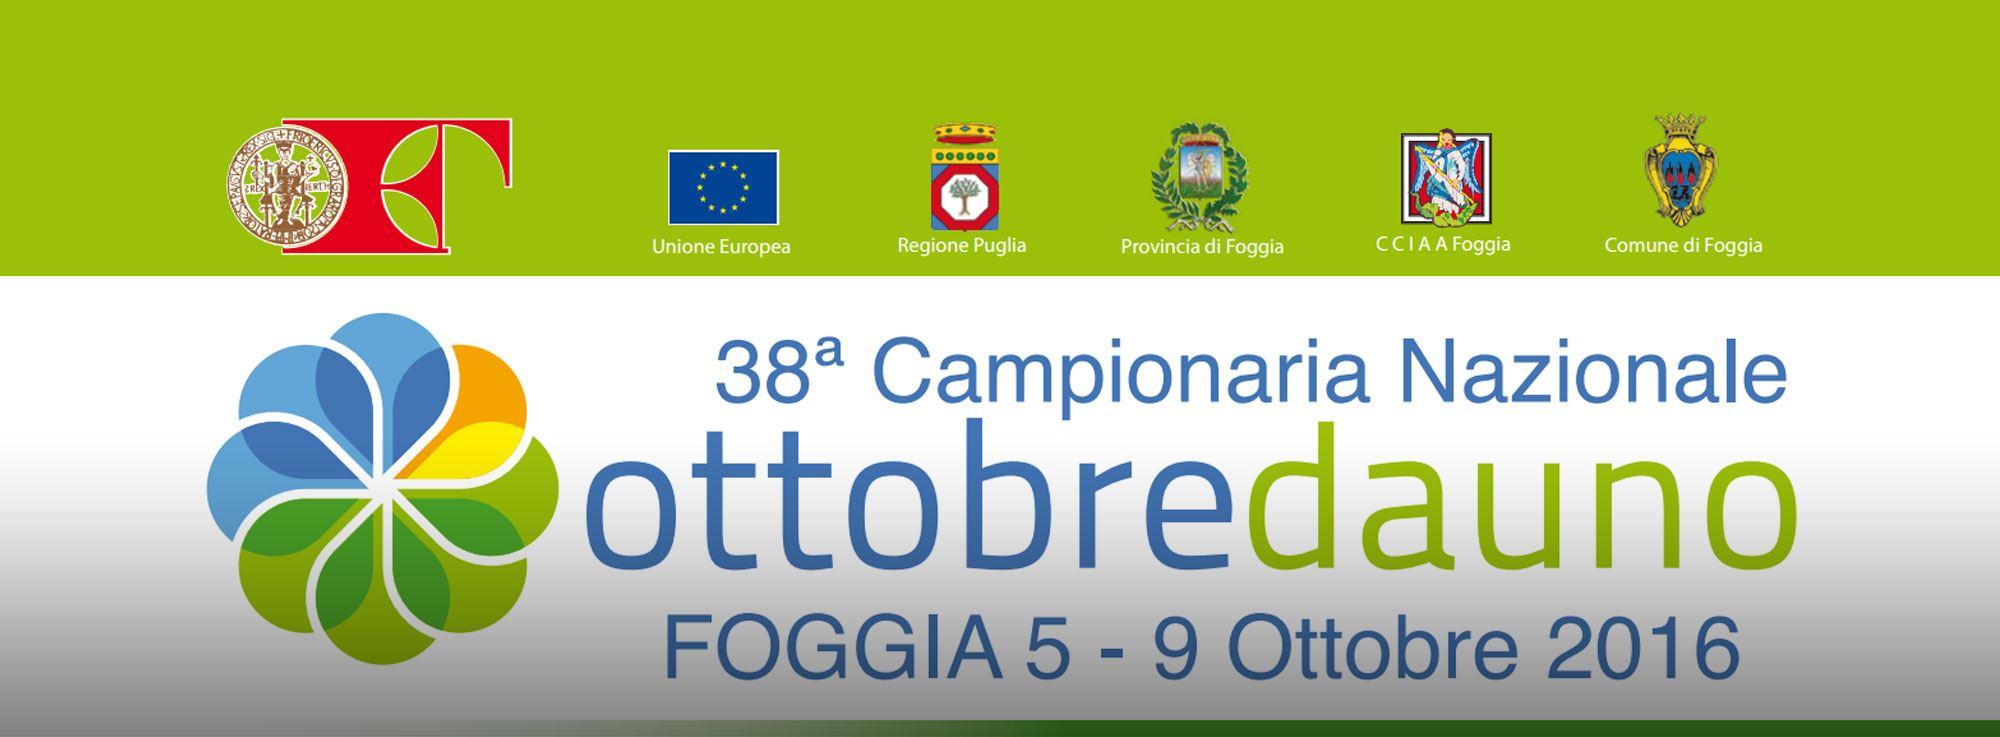 Foggia: Ottobre Dauno, Campionaria Nazionale 2016